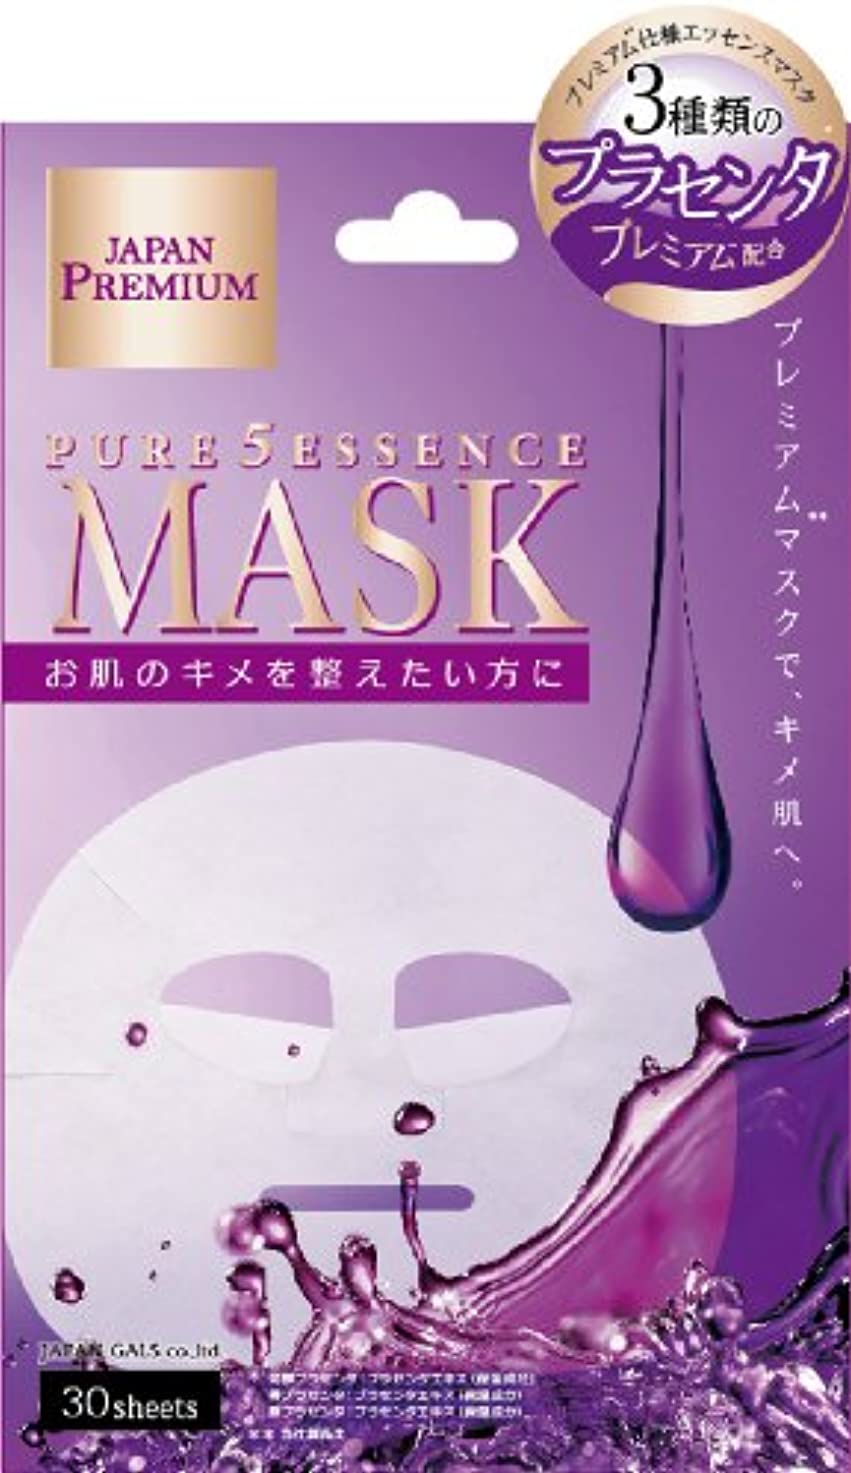 独立して資本魅力的であることへのアピールピュアファイブエッセンスマスク(PL)NEW